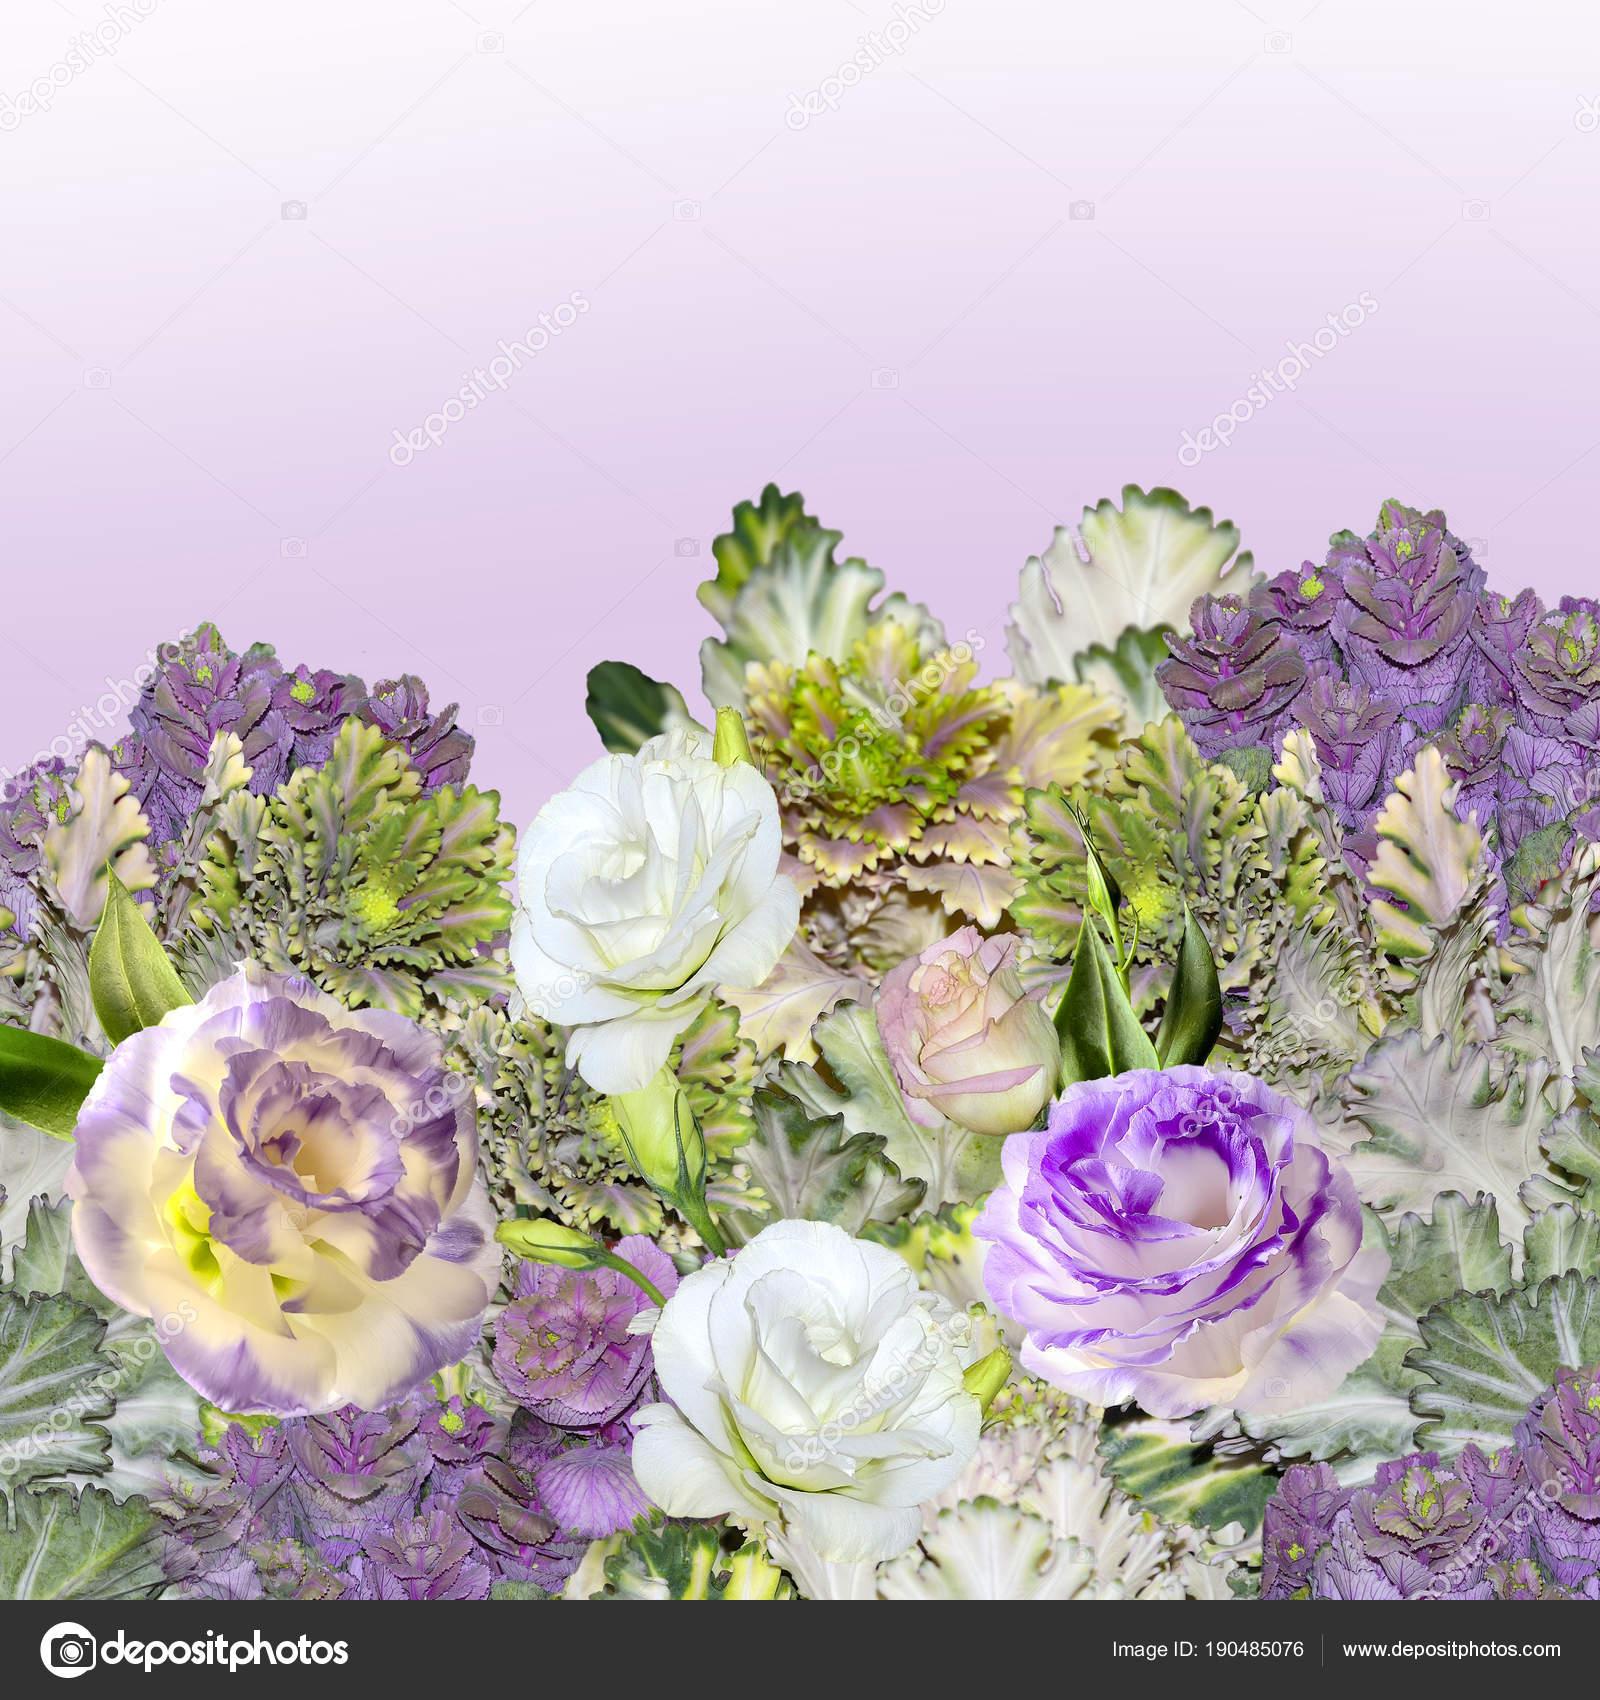 bouquet de fleurs eustoma (lisianthus) et le chou ornemental